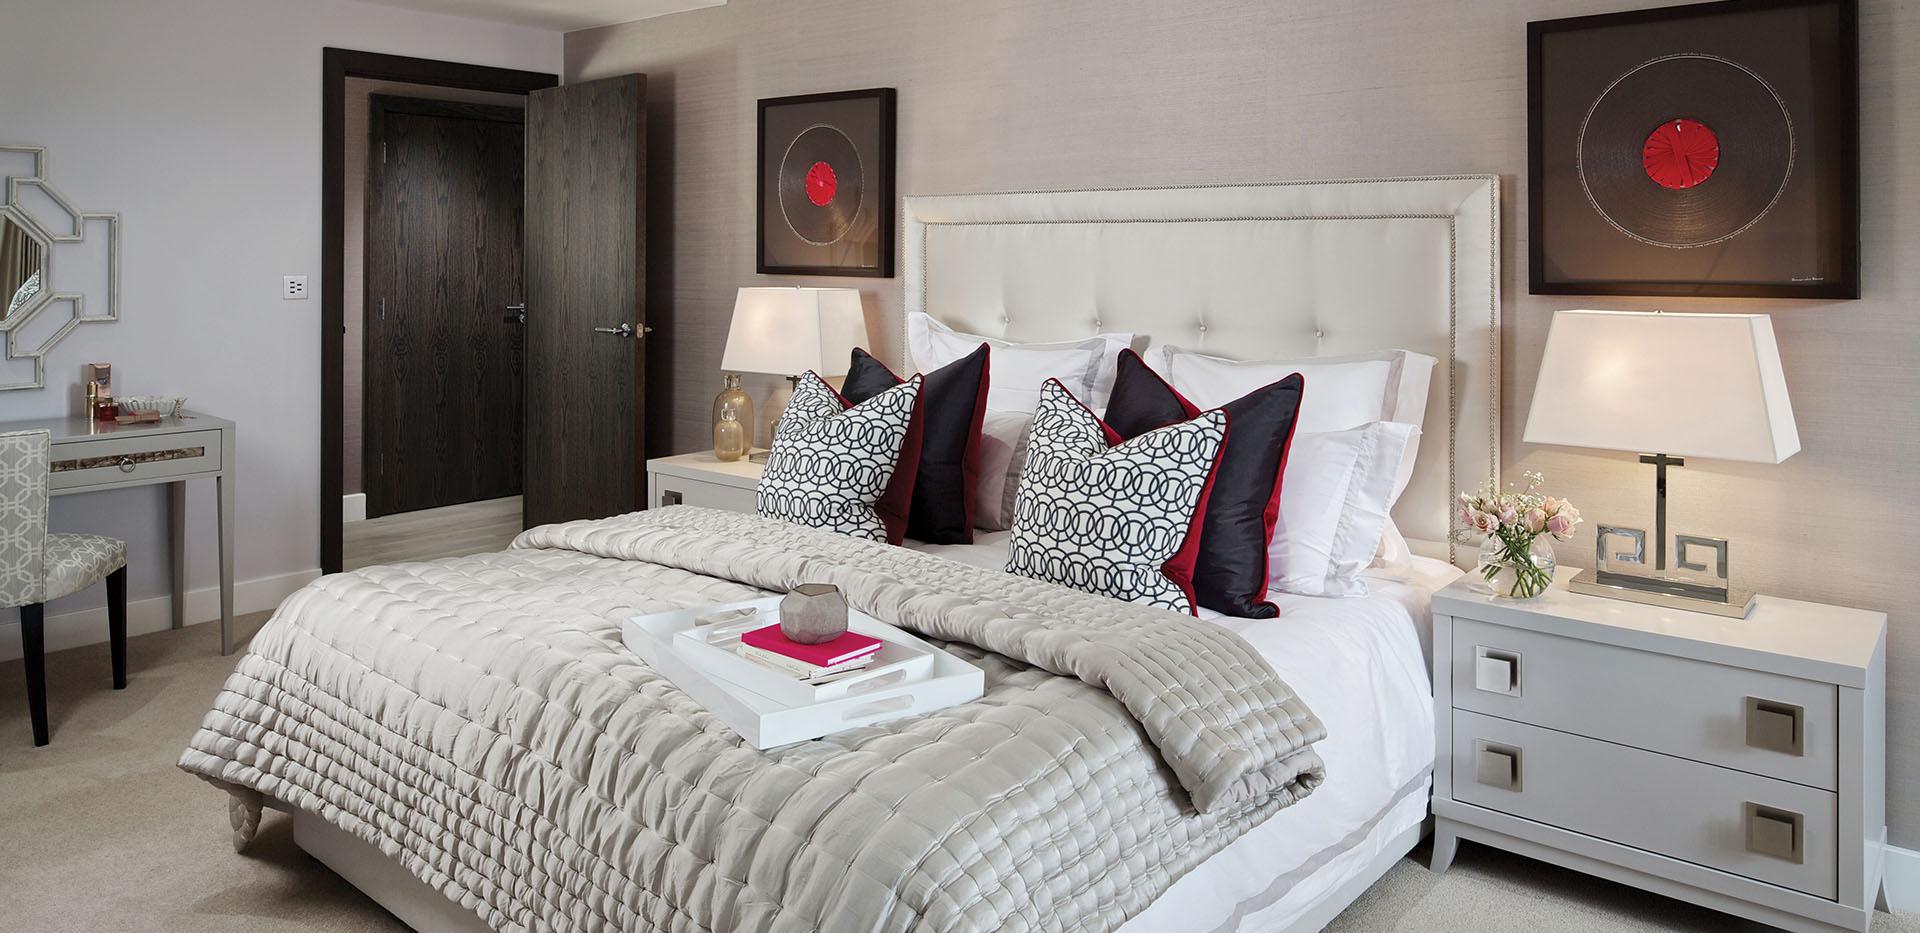 St George, Beaufort Park, 3 Bed, Premier, Master Bedroom